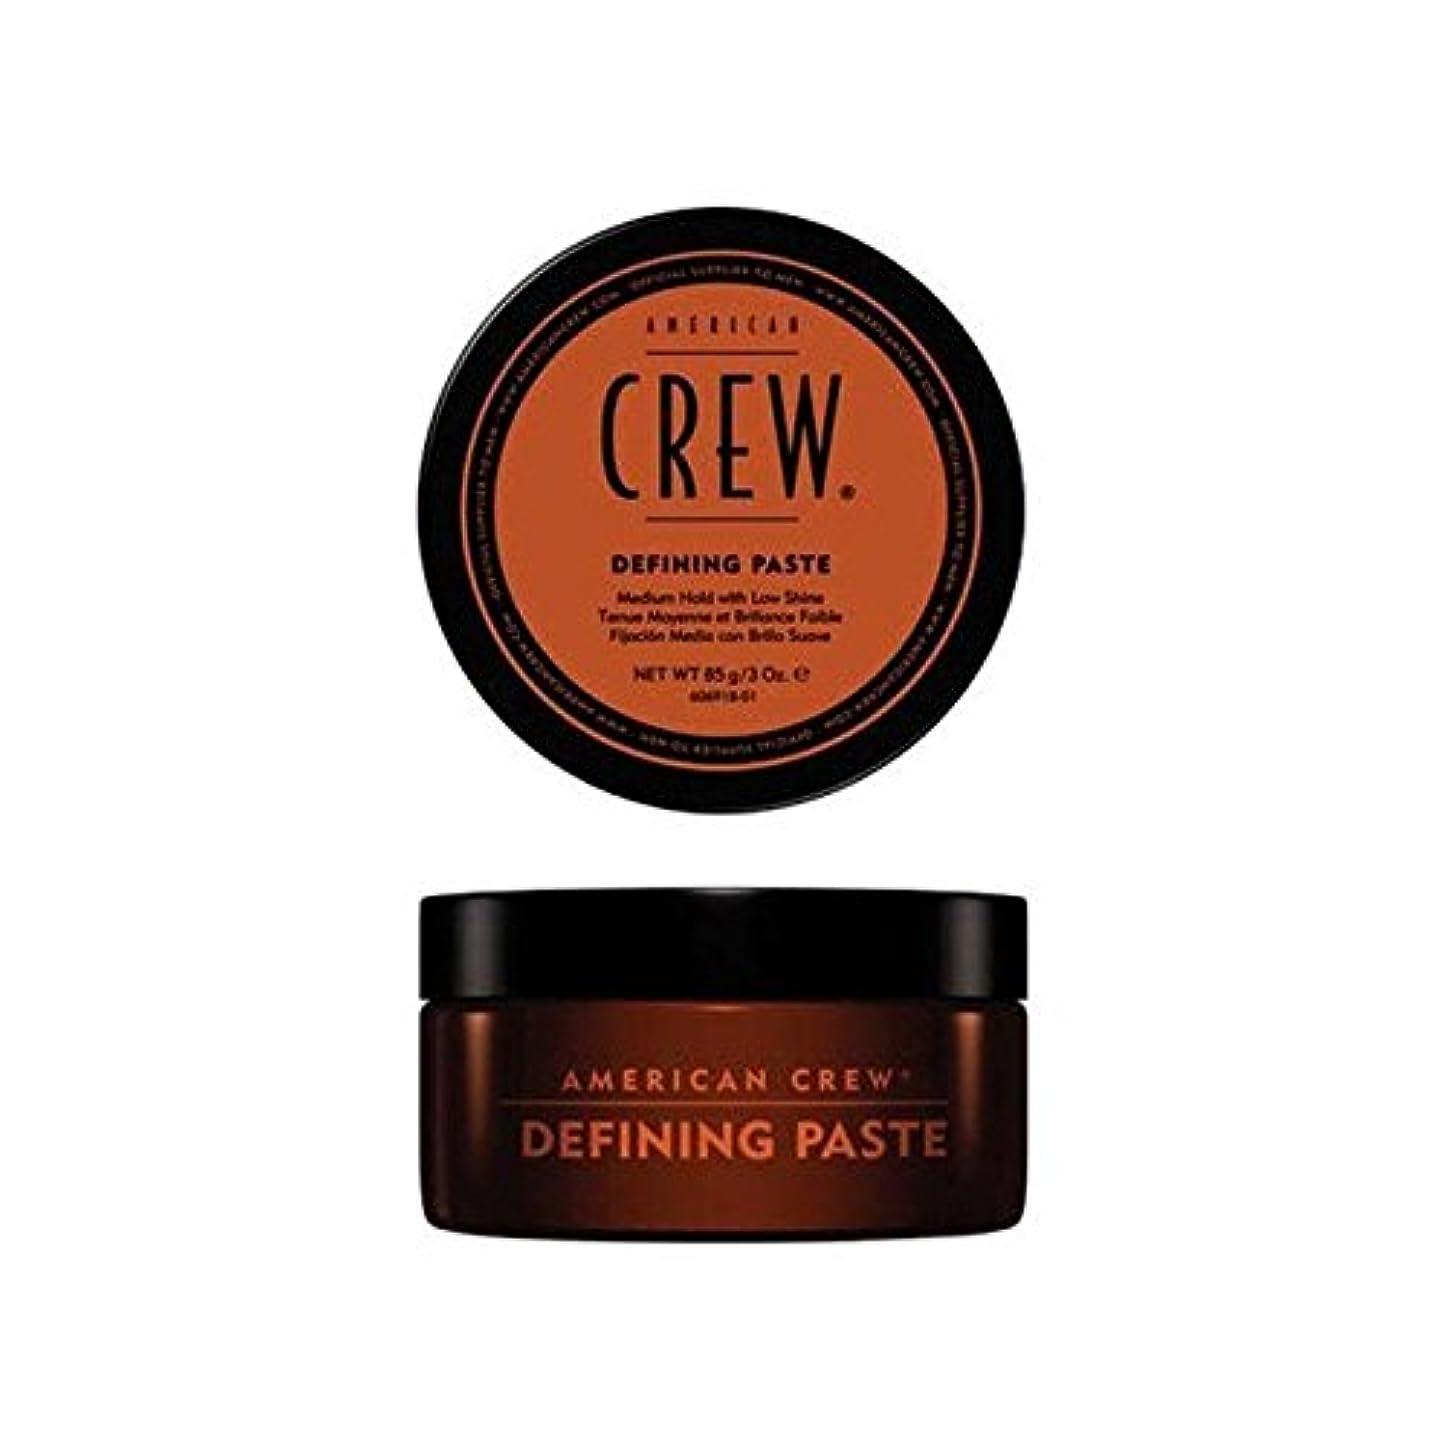 標高鰐落ち着いたアメリカの乗組員の定義ペースト(85グラム) x2 - American Crew Defining Paste (85G) (Pack of 2) [並行輸入品]